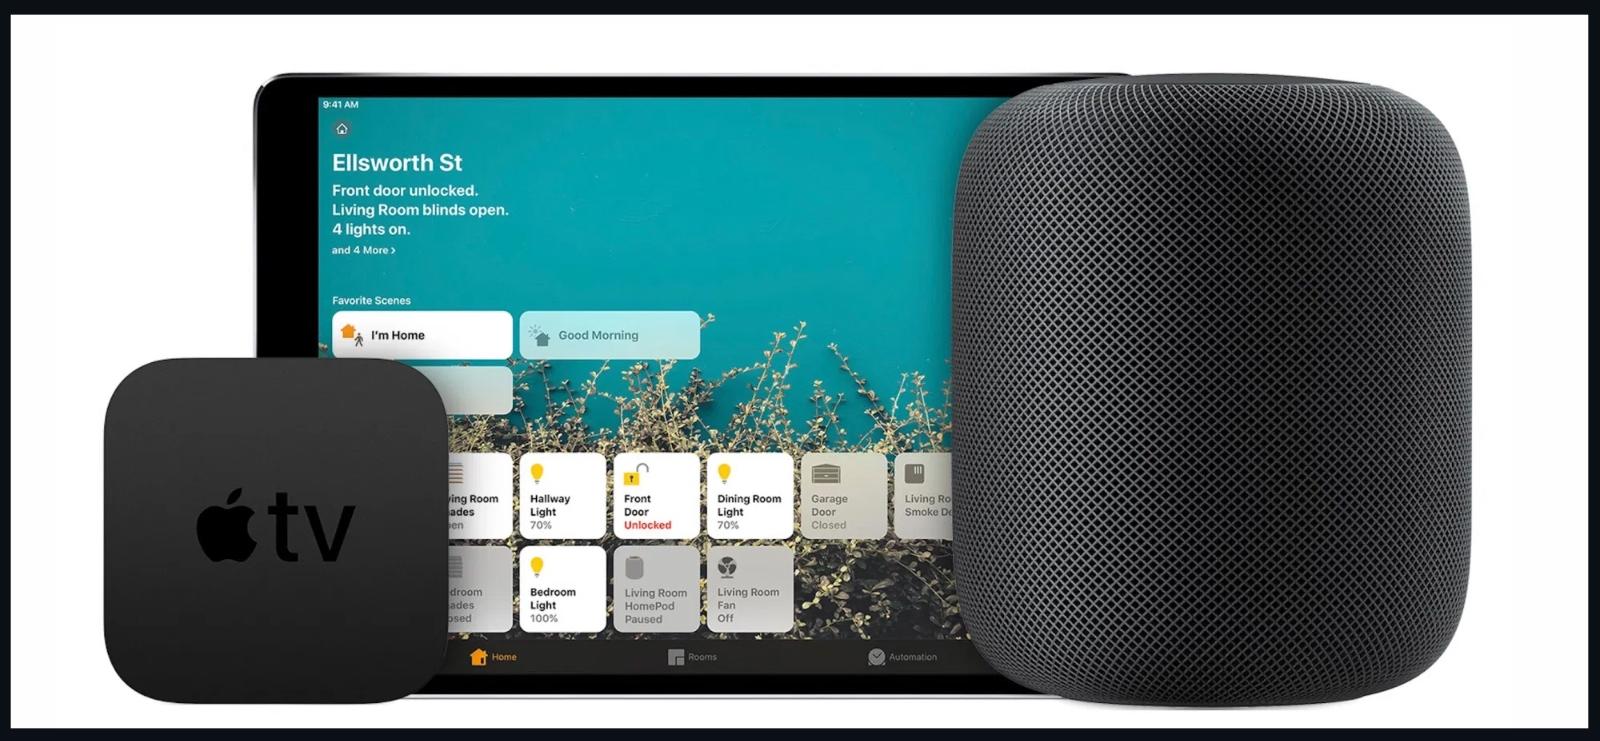 ویژگی های پیشرفته در محصول جدید شرکت اپل